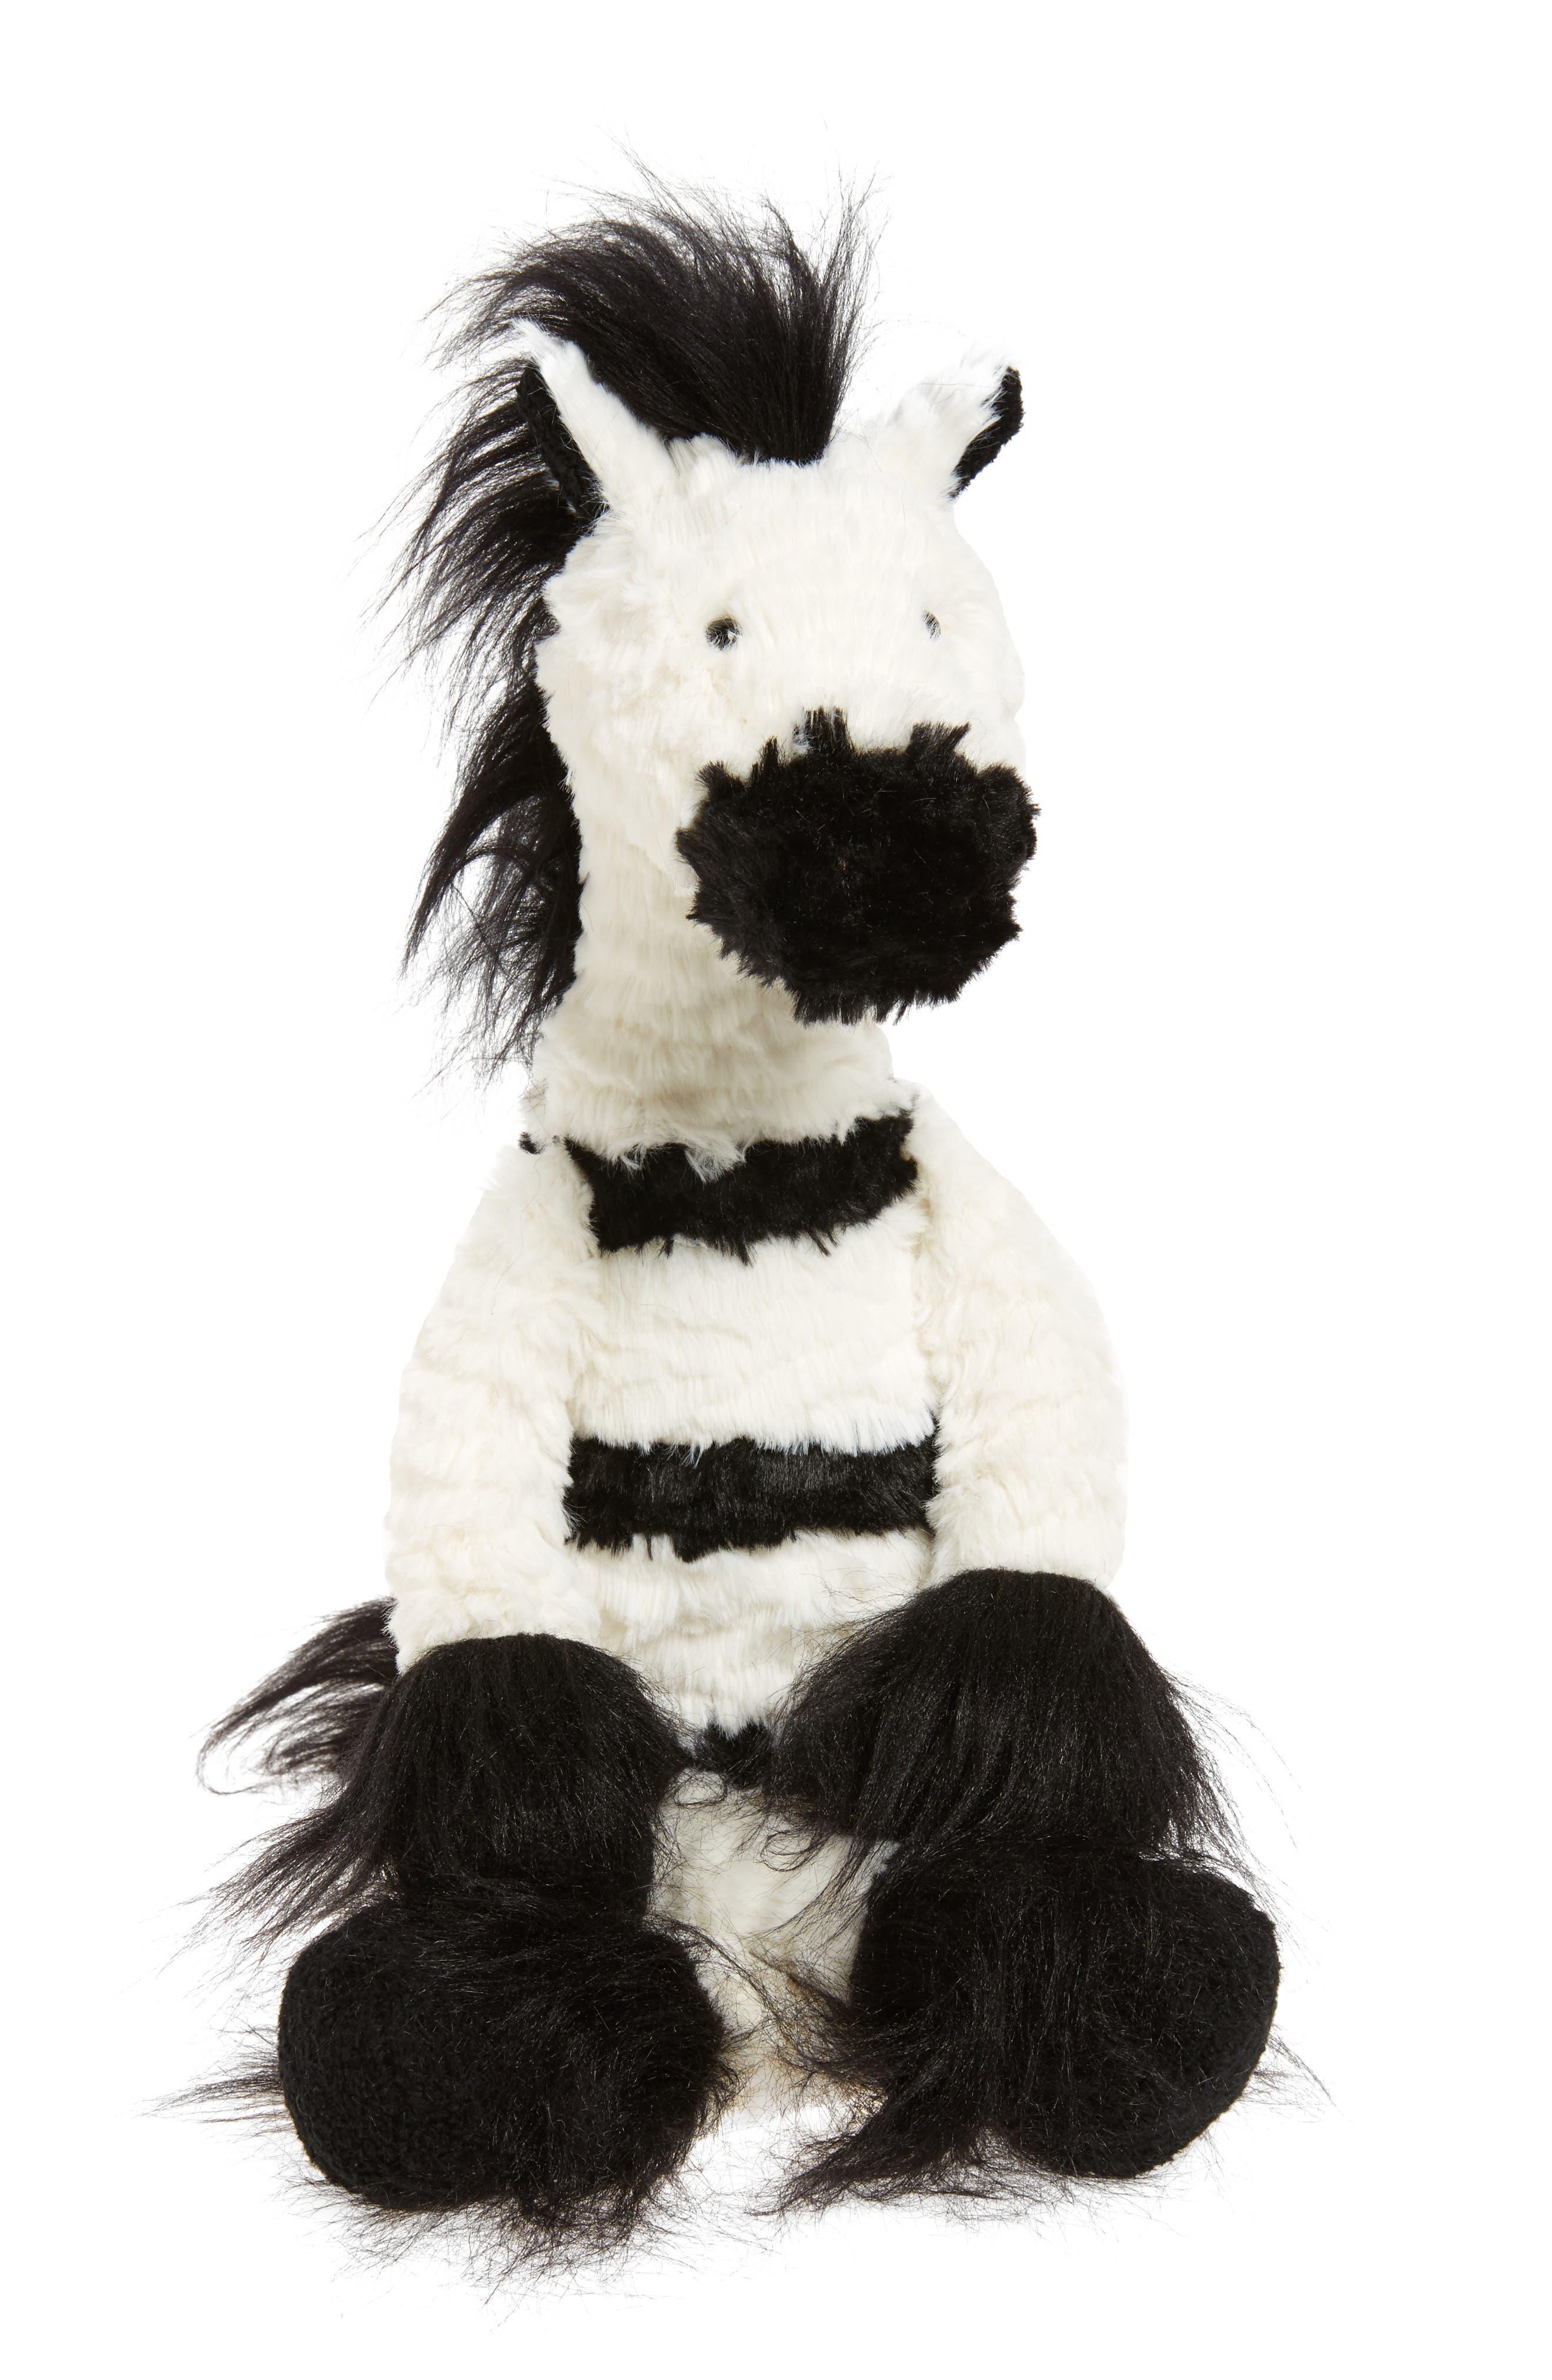 Main Image - Jellycat Dainty Zebra Stuffed Animal